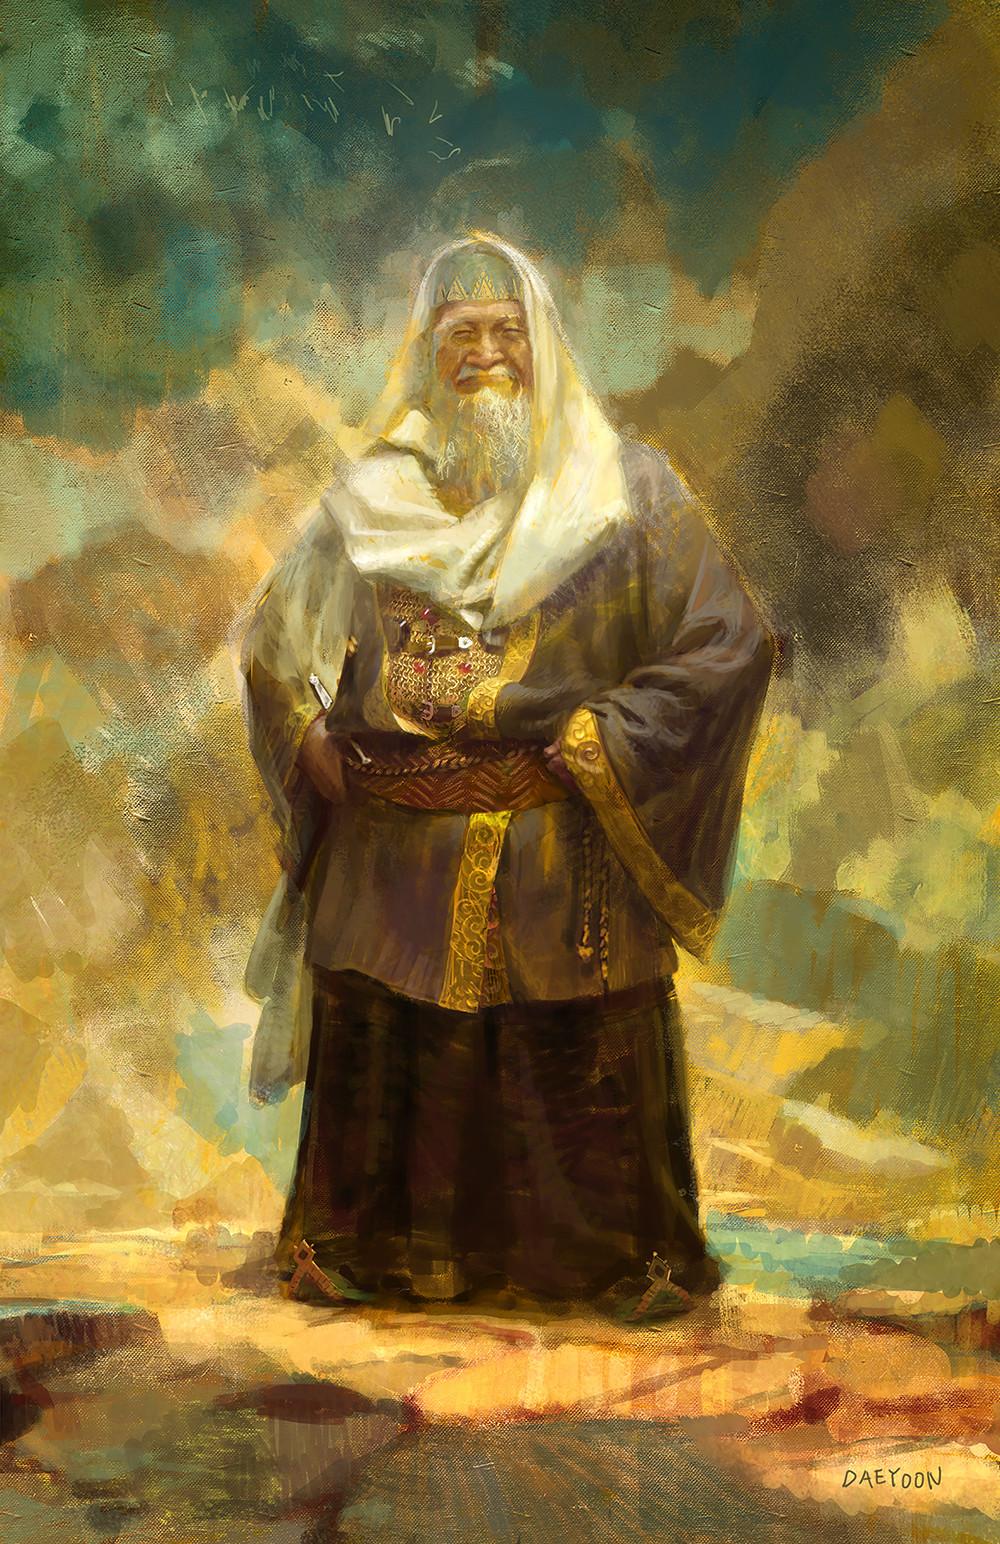 The Alchemist- king melchizedek